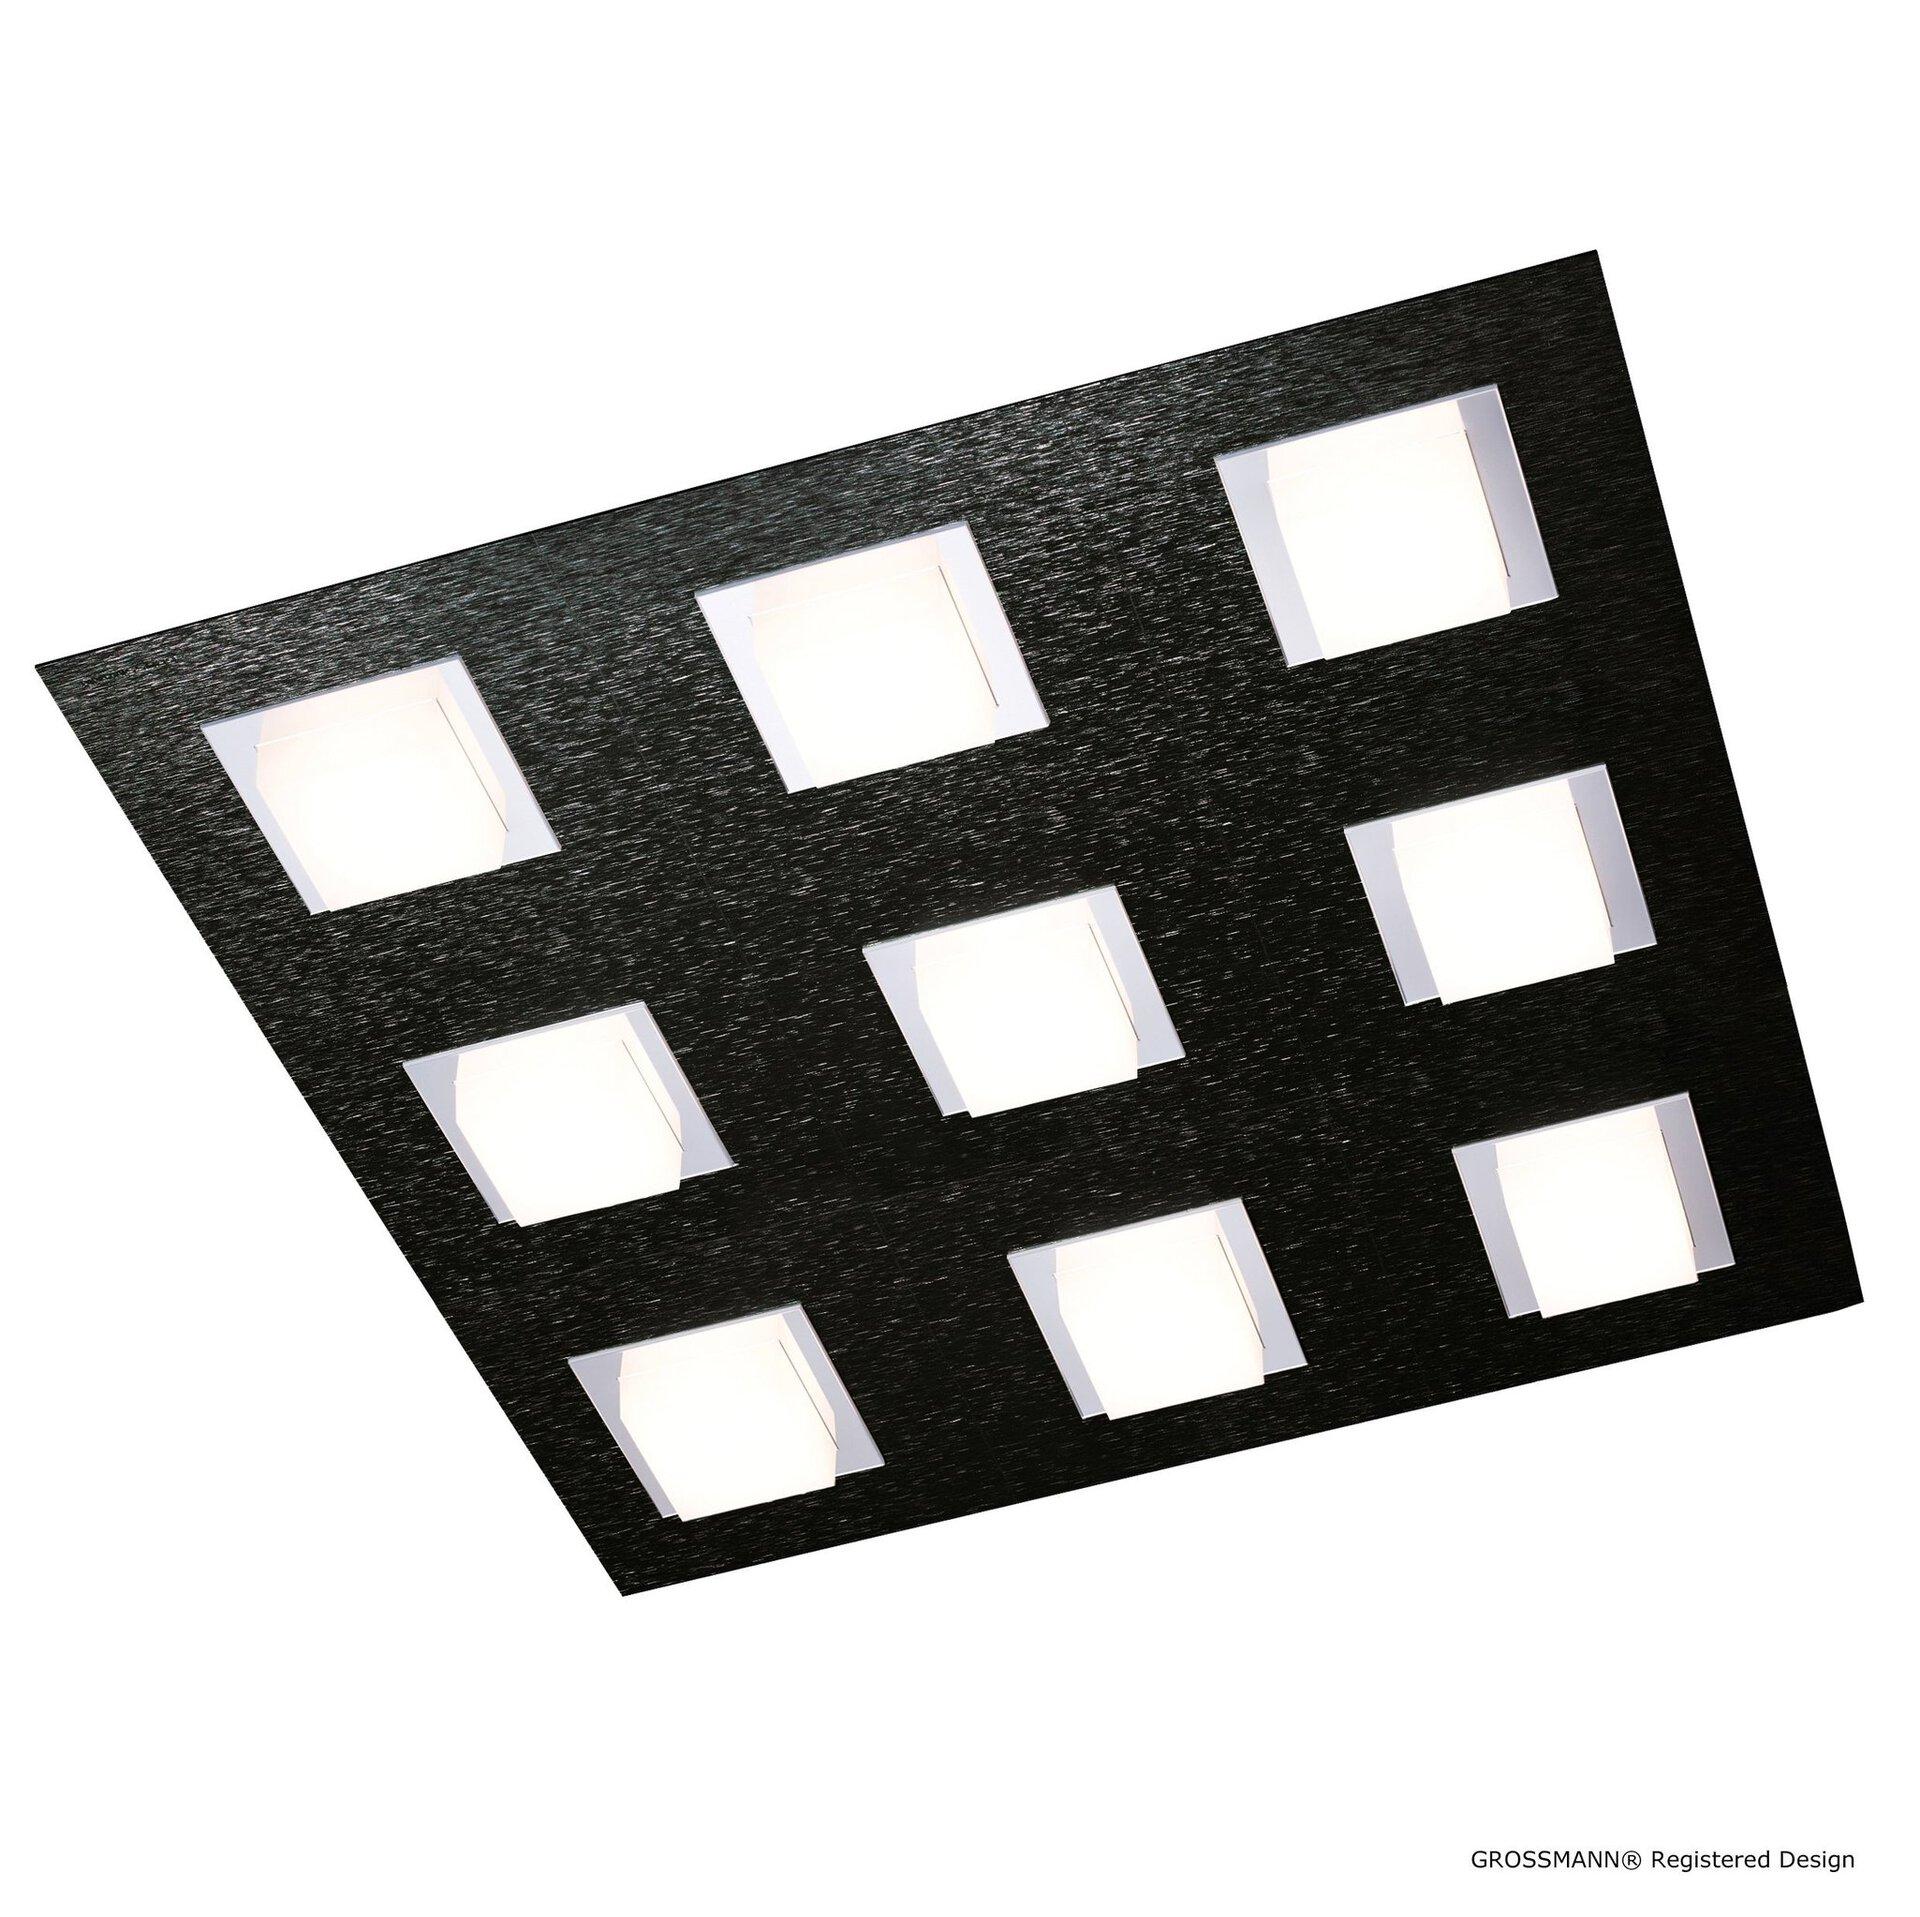 Deckenleuchte basic Grossmann Metall schwarz 45 x 5 x 45 cm